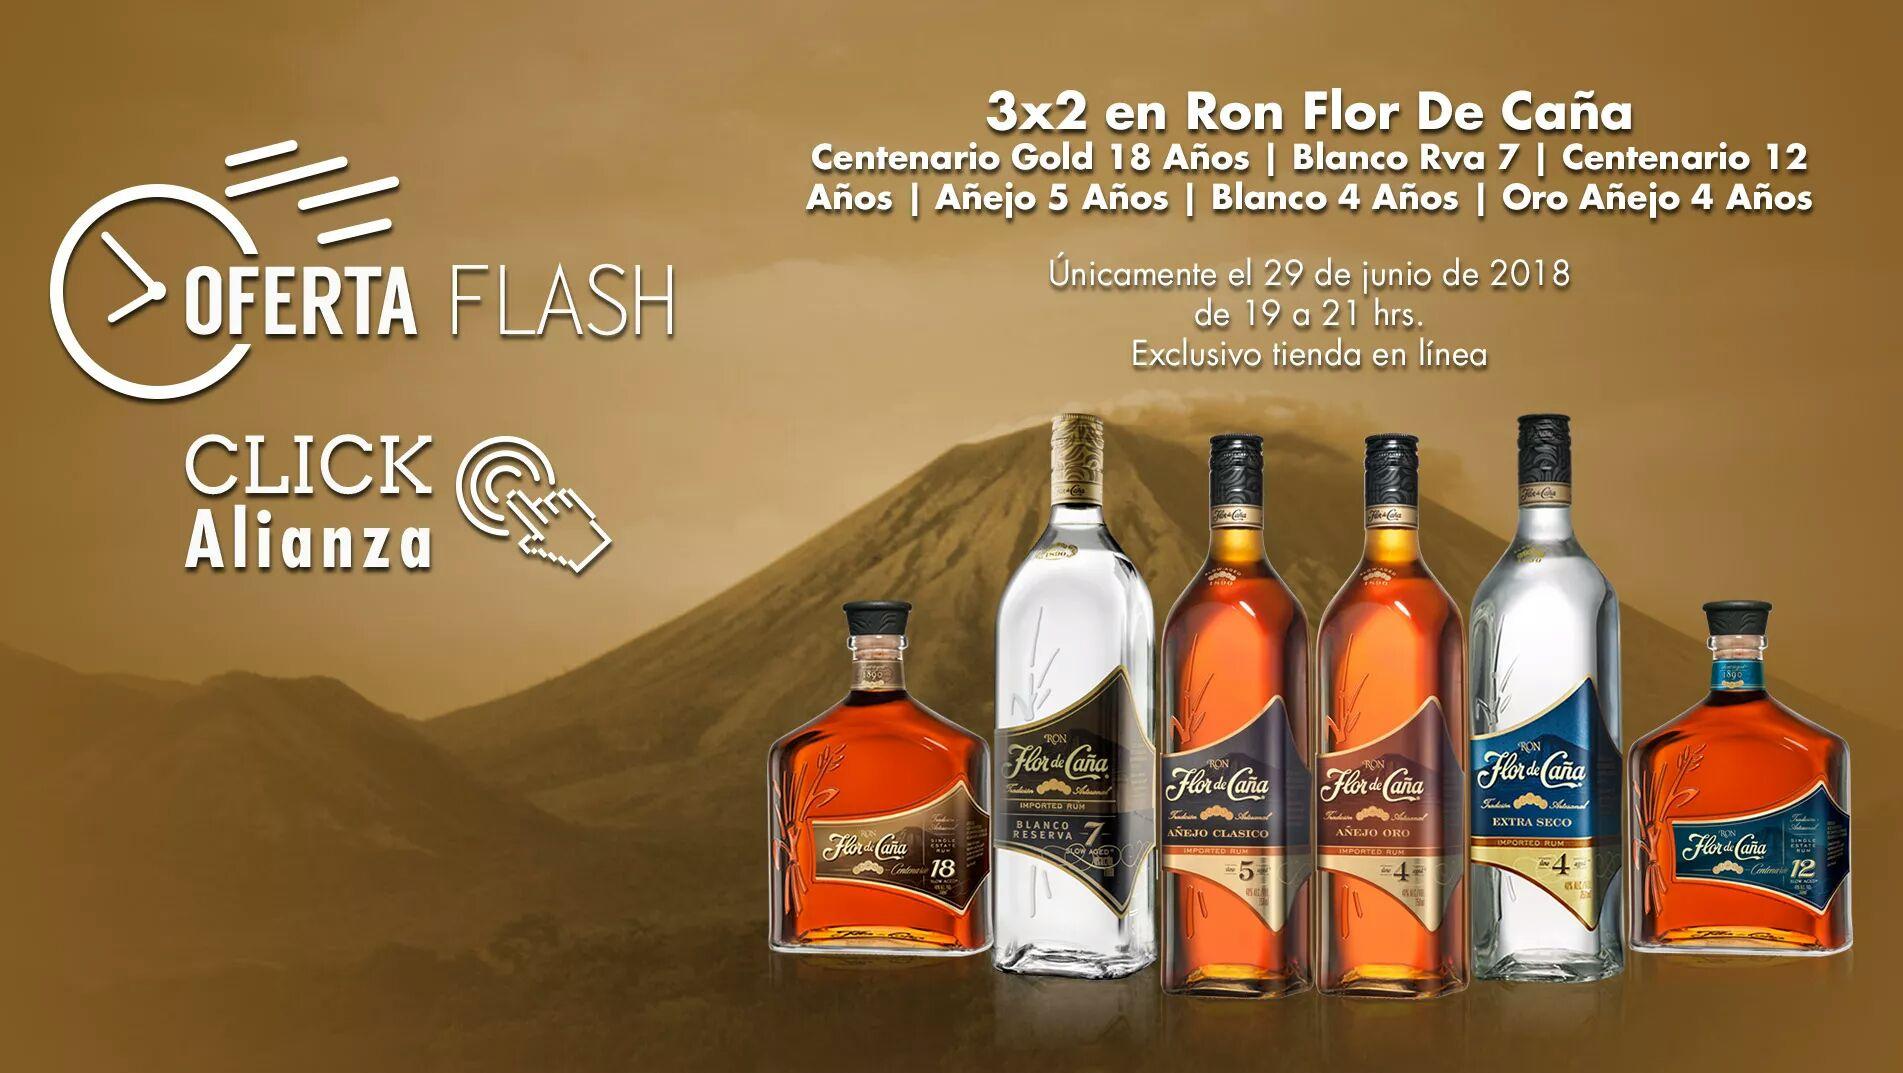 Bodegas Alianza: 3 x 2 en Ron Flor de Caña sólo hoy hasta las 9 pm en tienda en línea